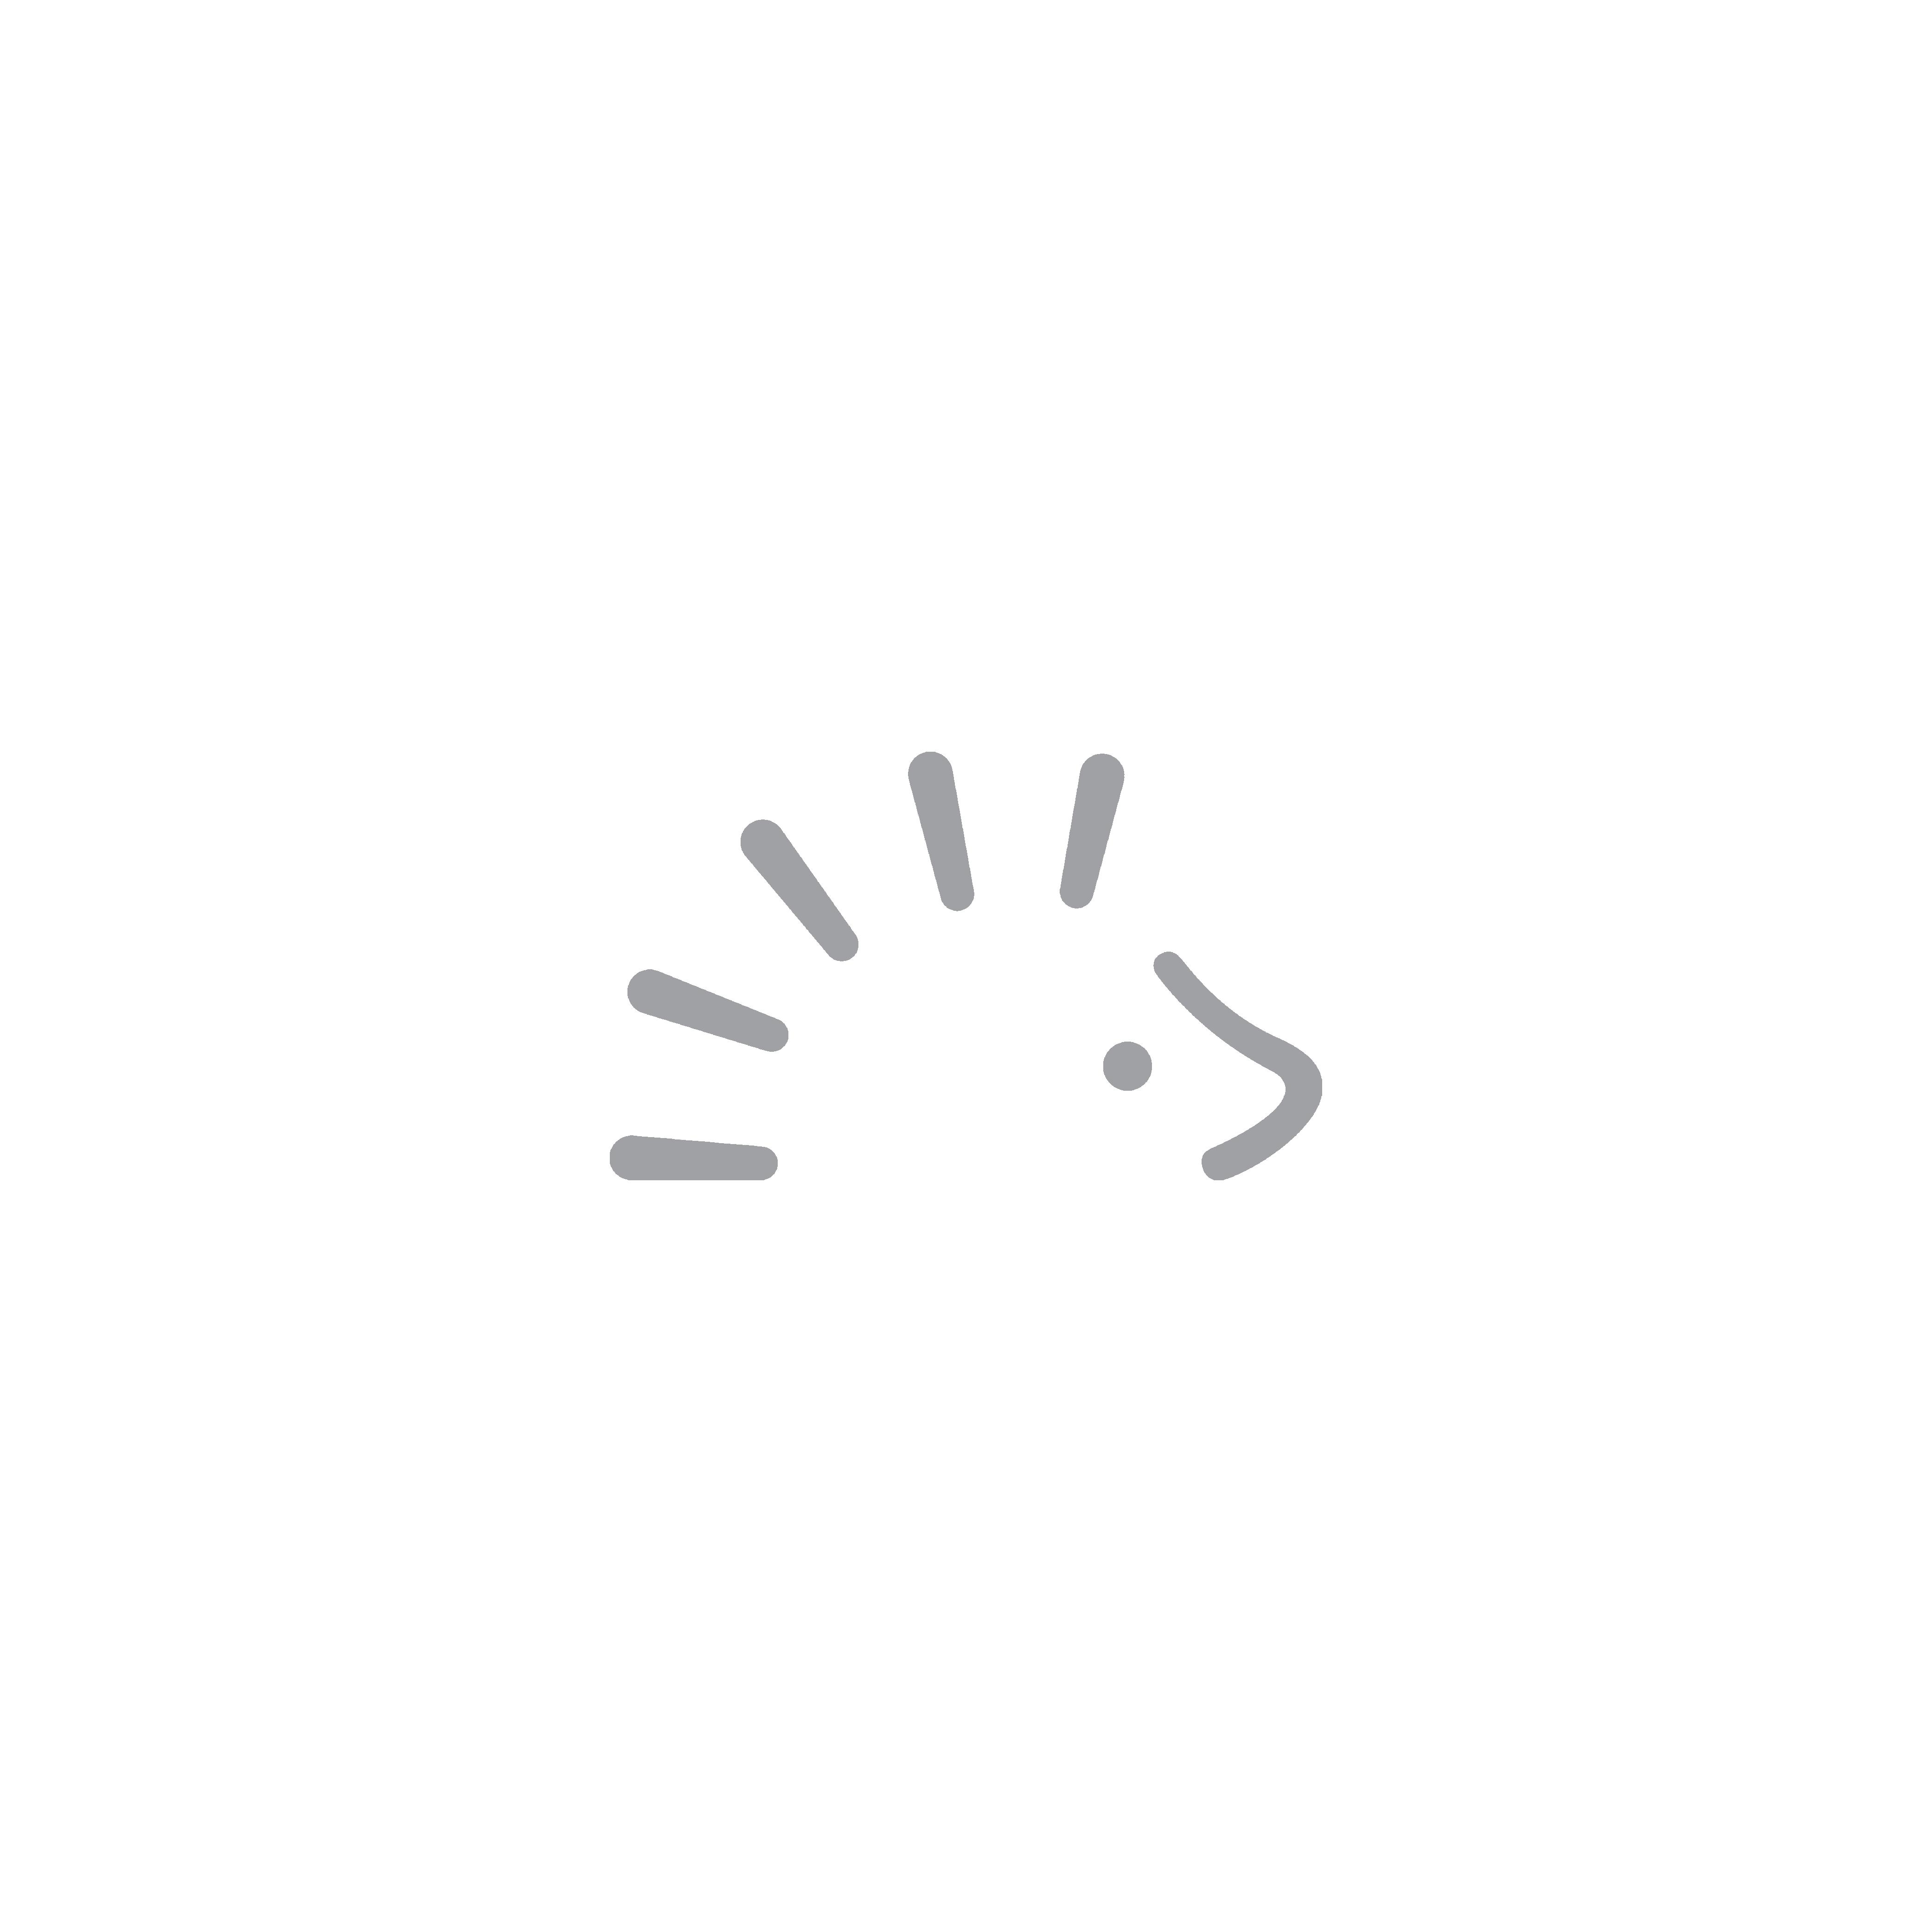 DHiW Deo no sweat darling Lemon Grass